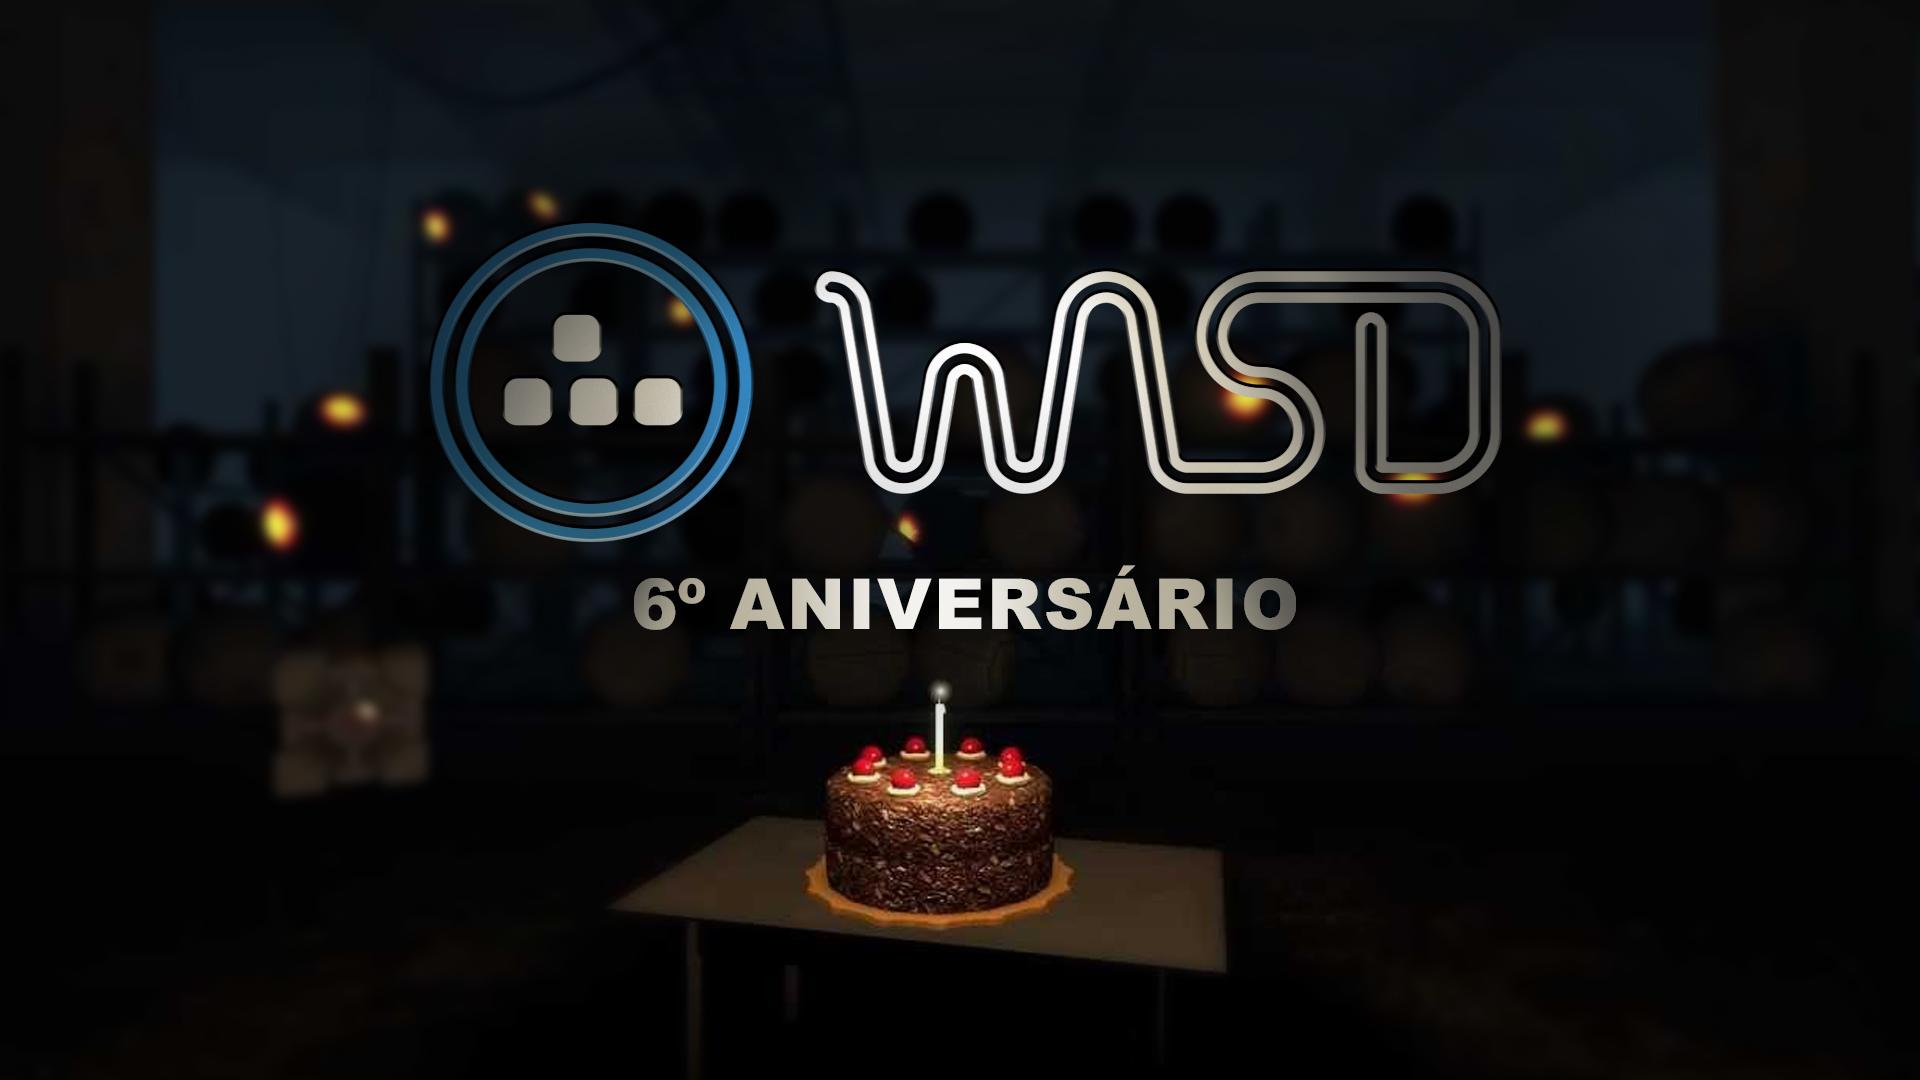 WASD celebra 6º Aniversário